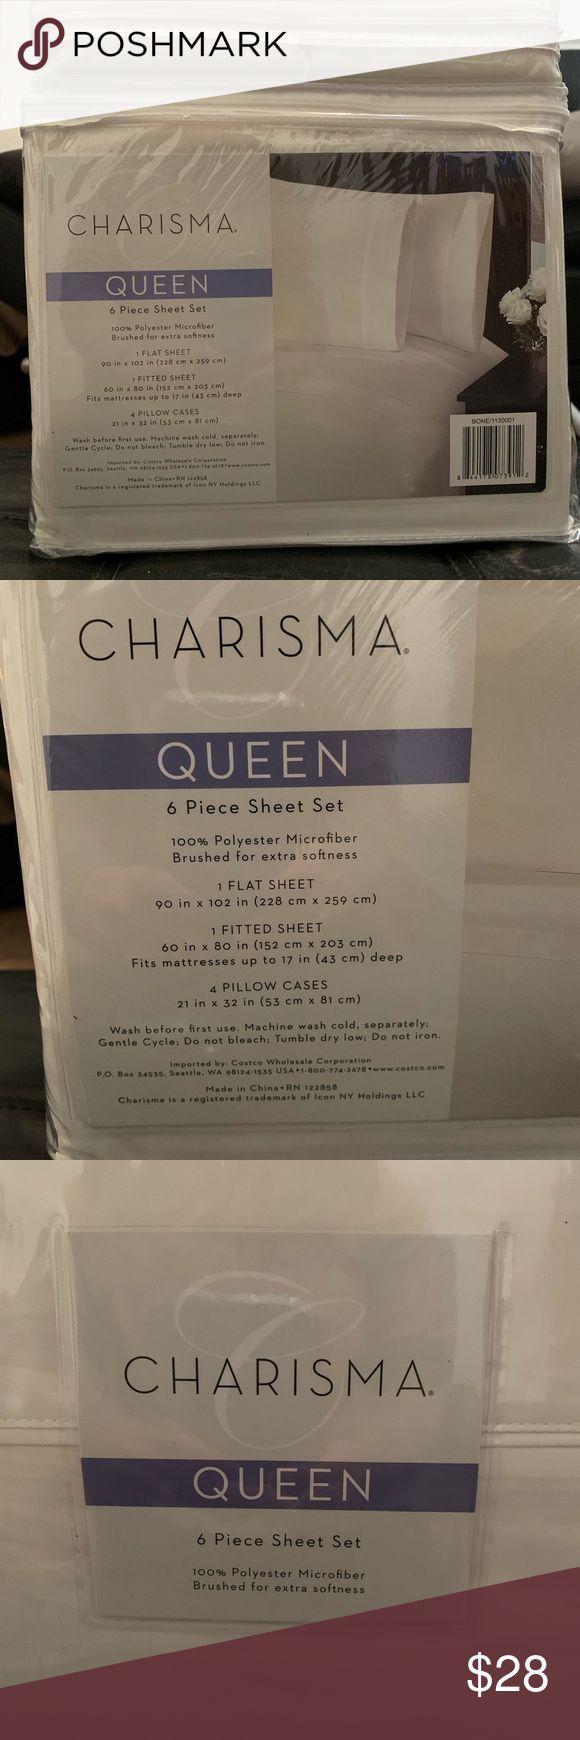 Charisma Charisma Things To Sell Sheet Sets